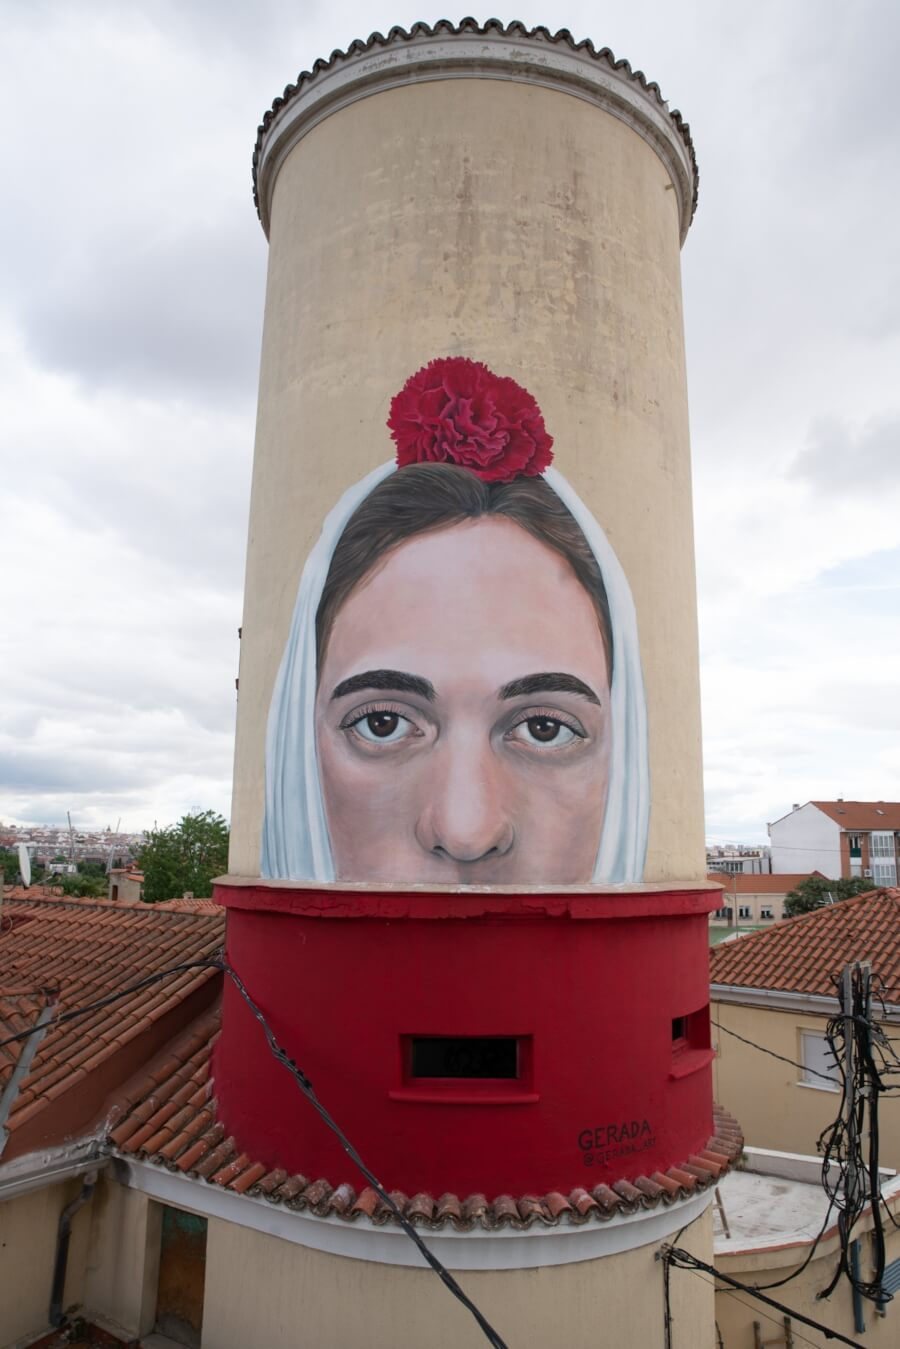 El mural de Jorge Rodríguez-Gerada